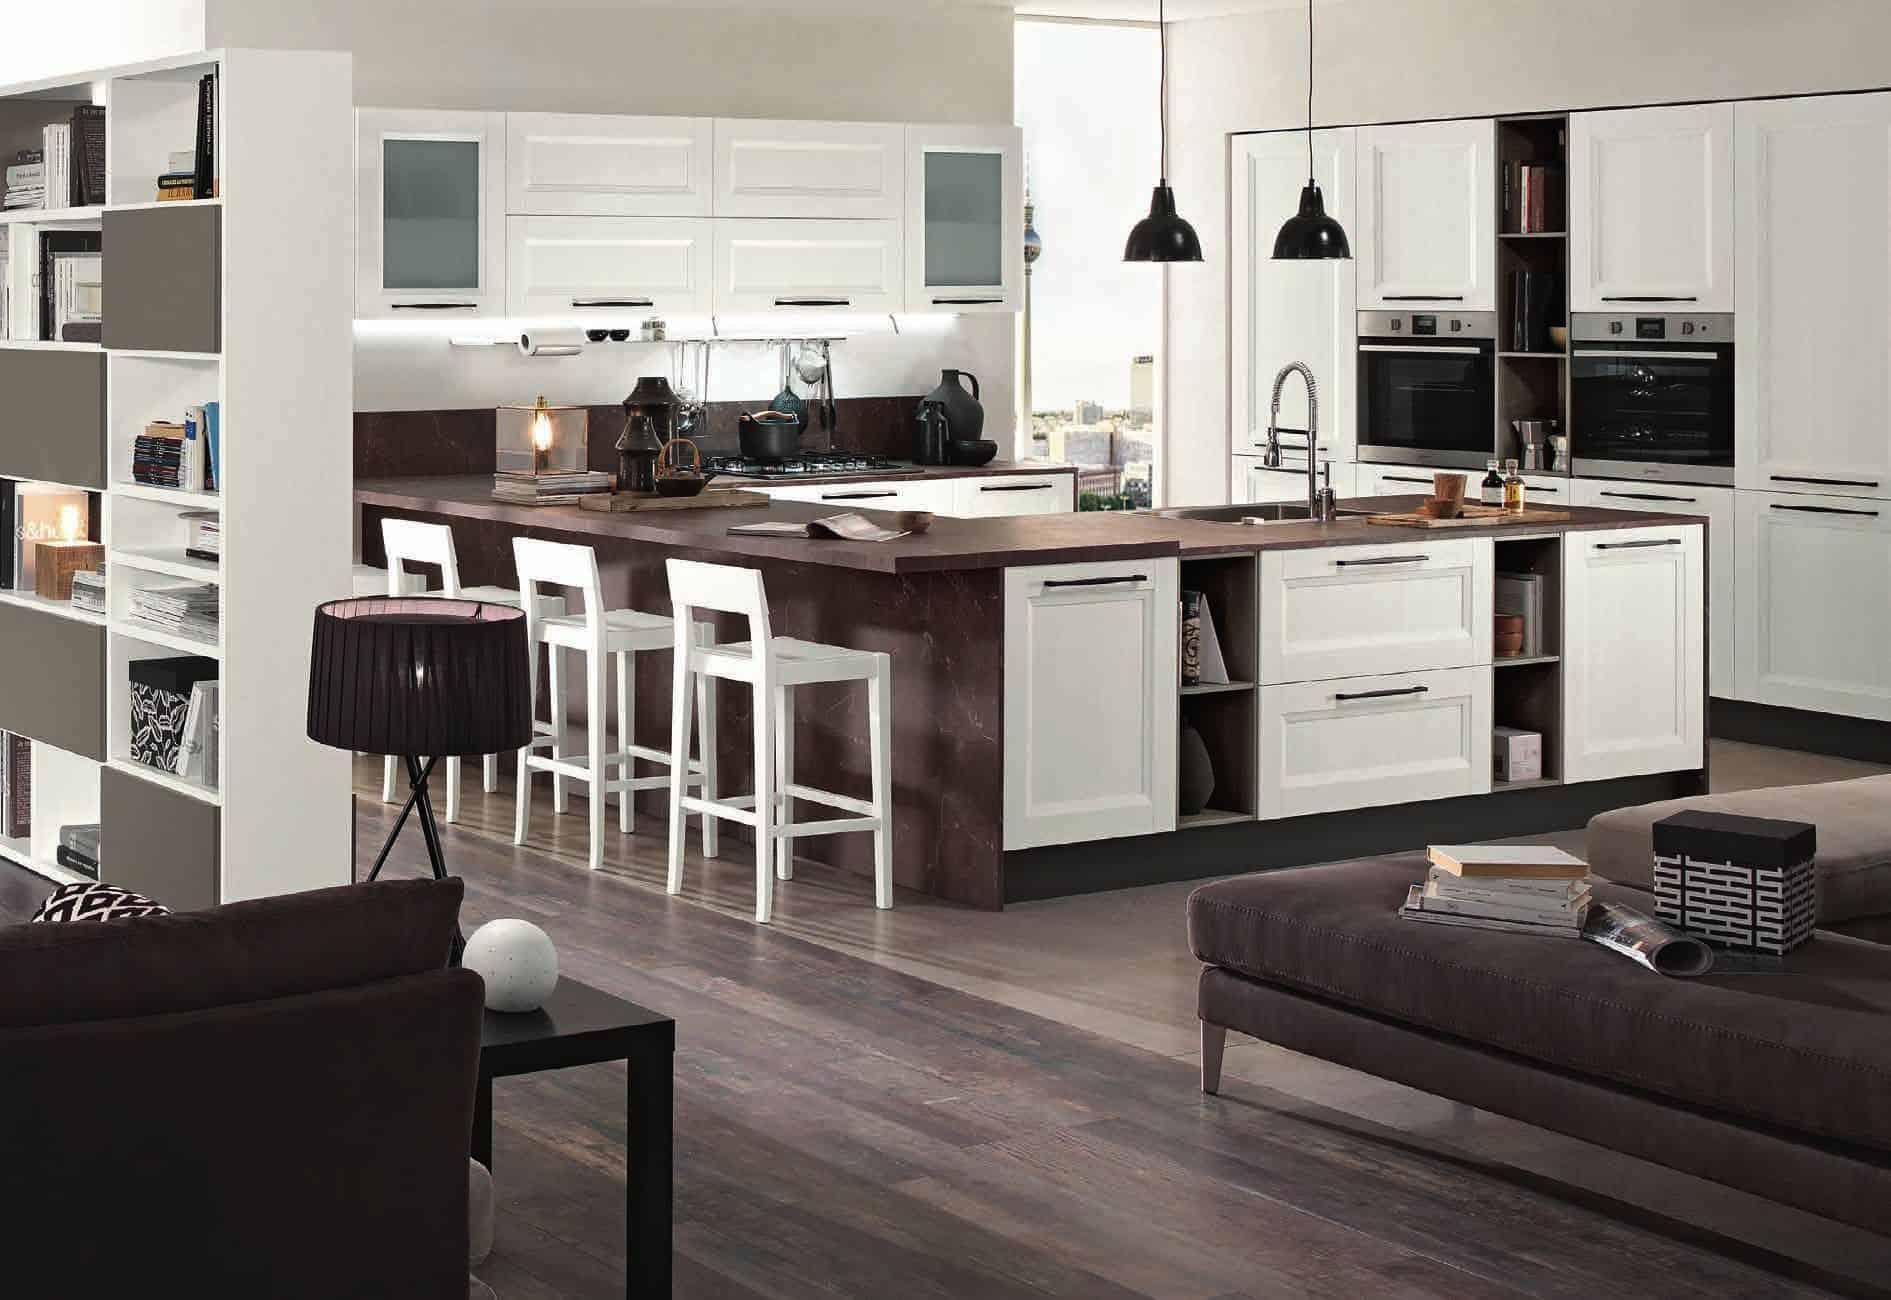 Κουζίνα Lamitex σε λευκο ματ αναγλυφο χρωματισμο με παγκο υφη μαρμαρου